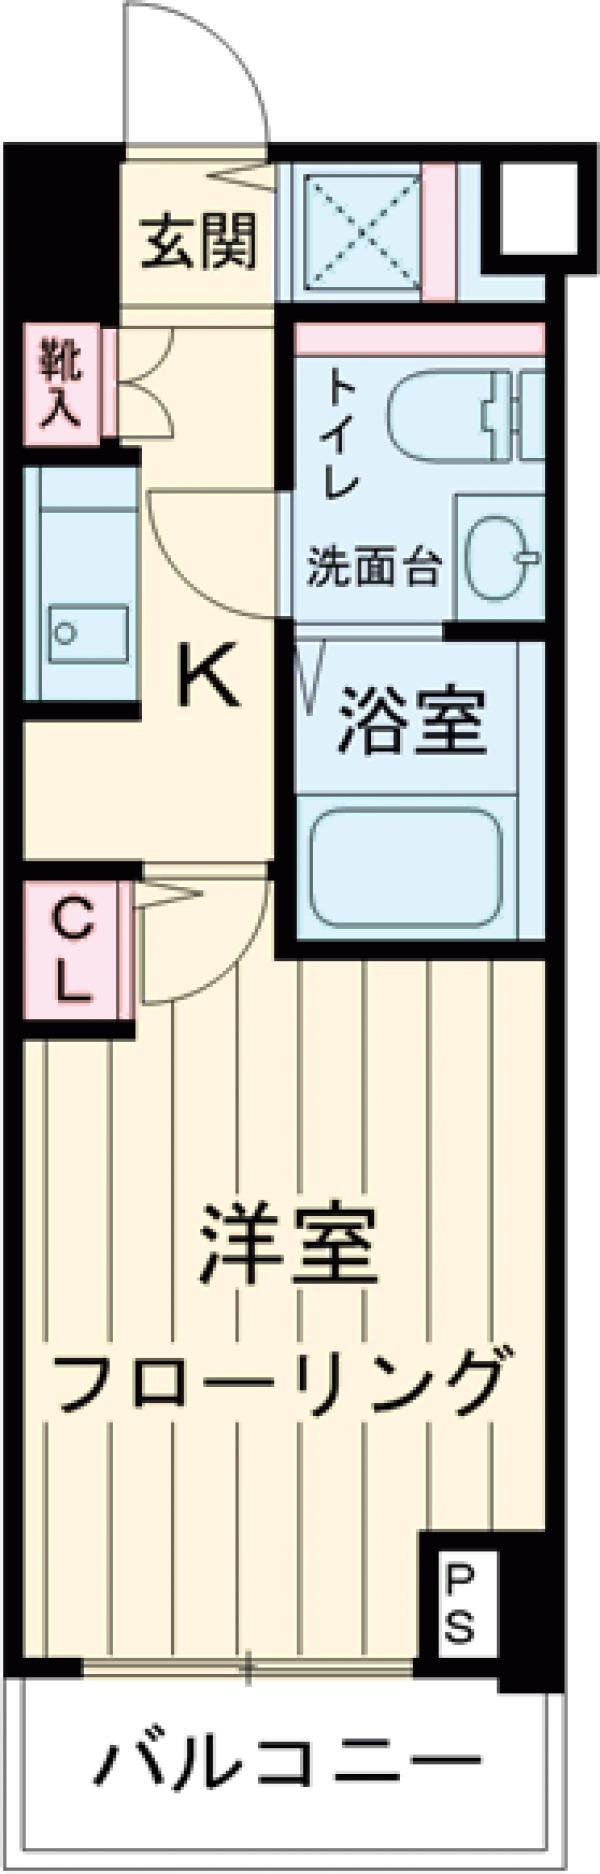 スカイコート中村橋第2 201号室の間取り